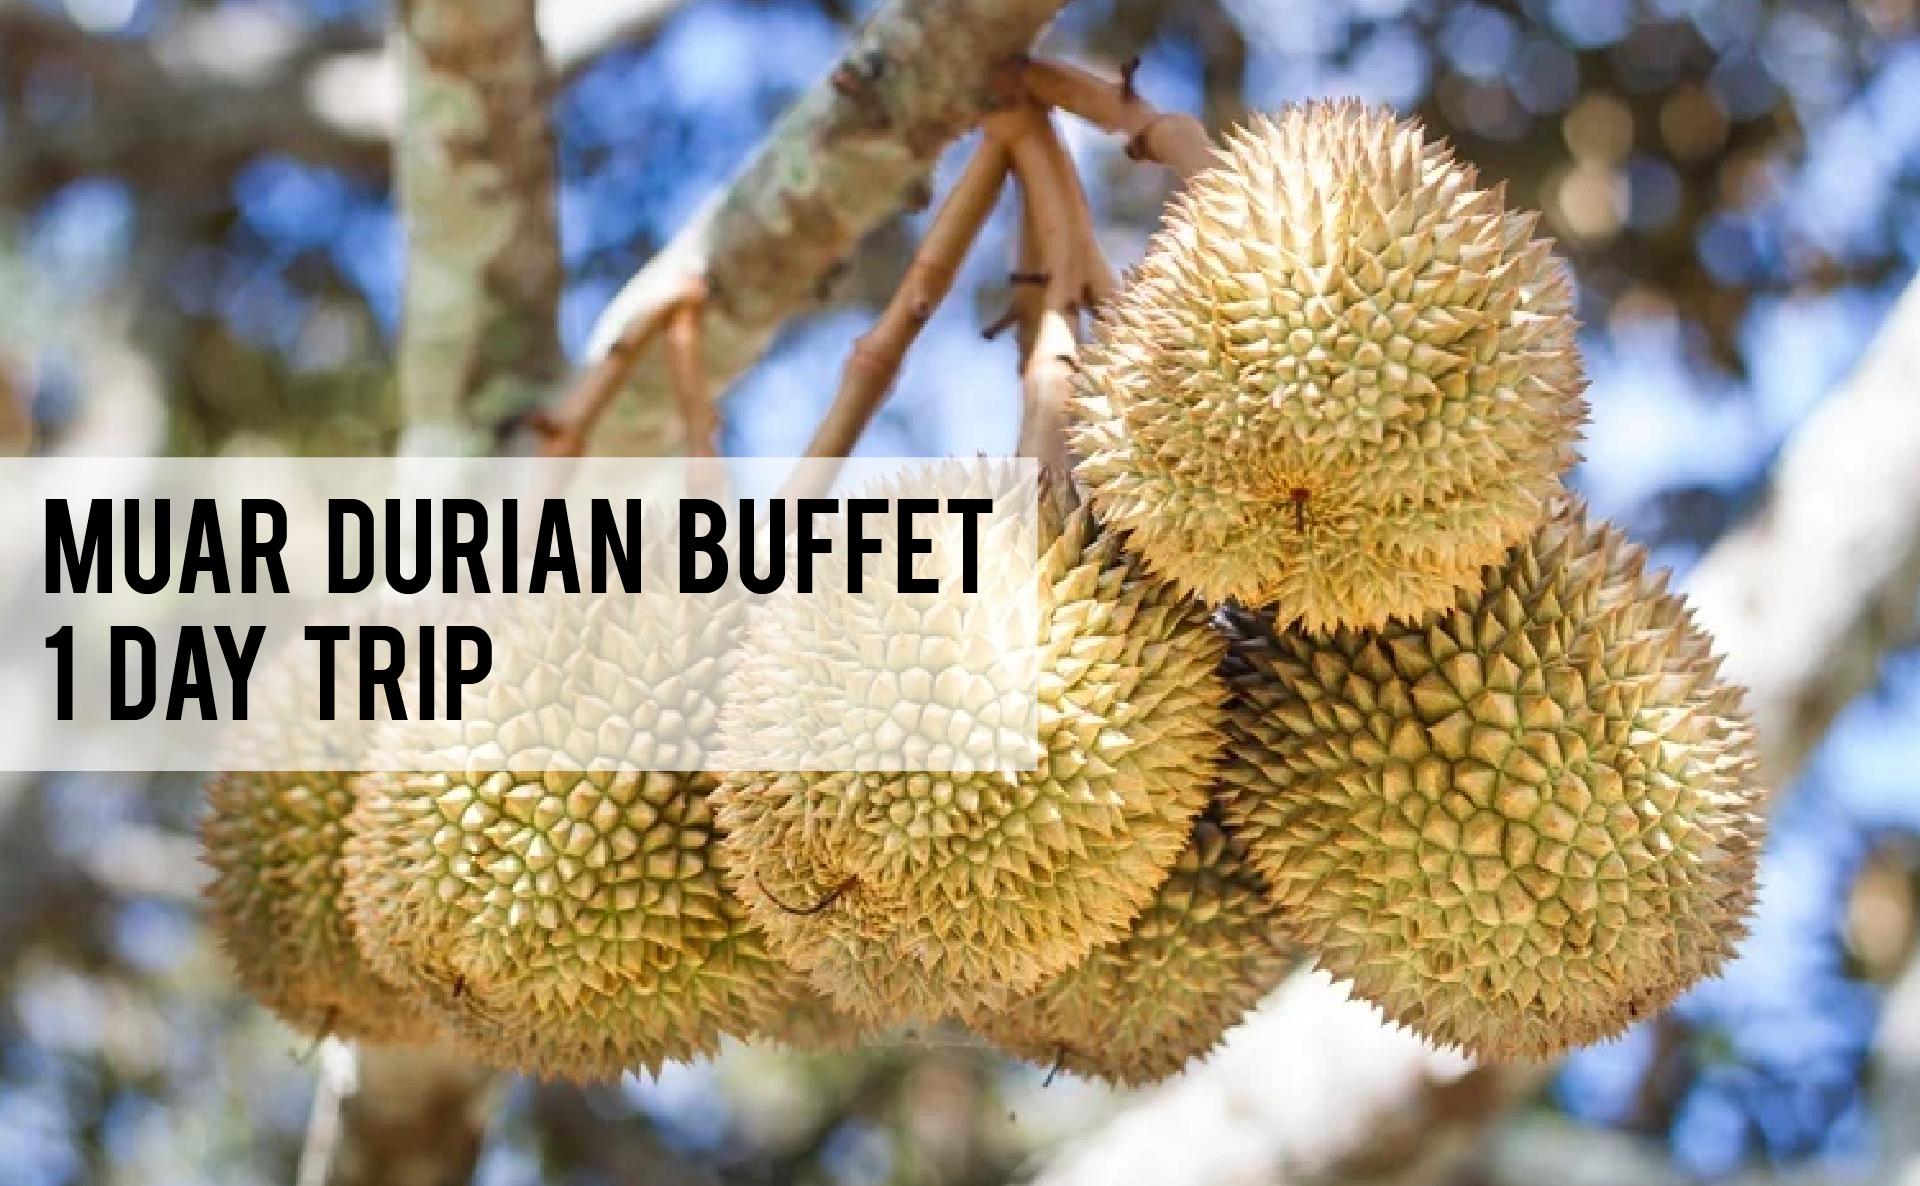 muar durian buffet 1 day trip